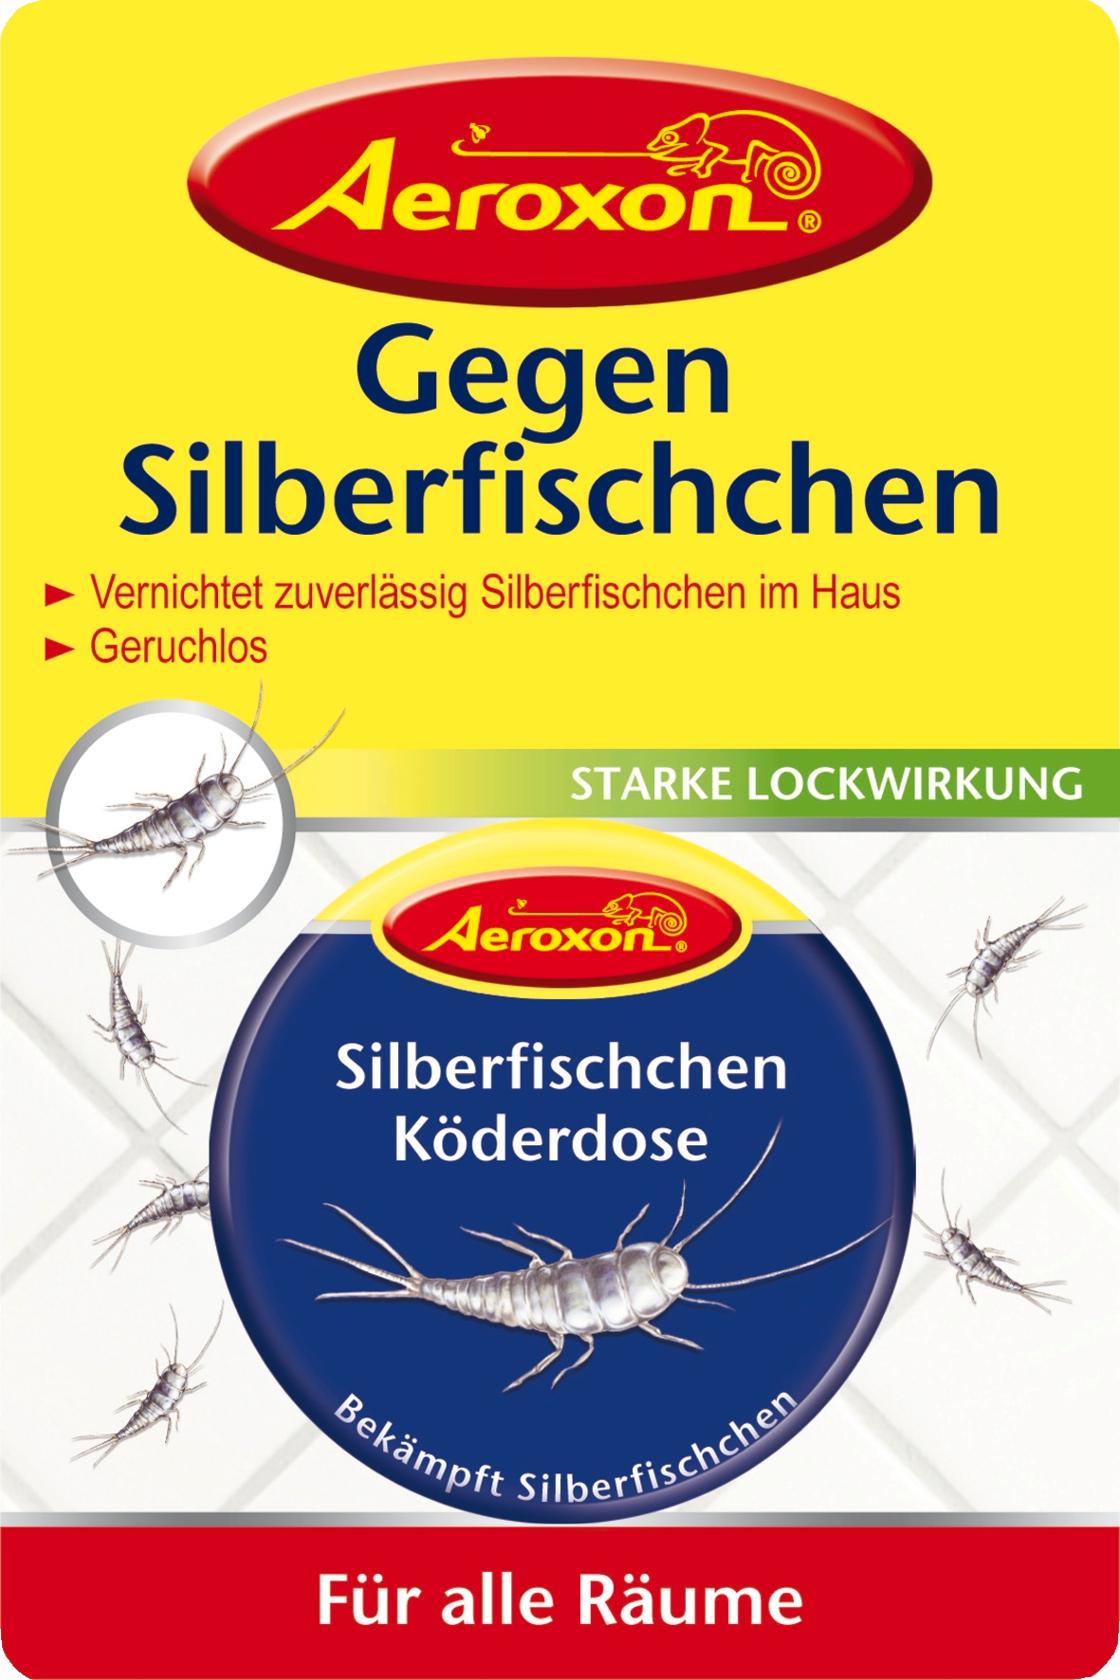 Aeroxon Silberfischchen Köderdose